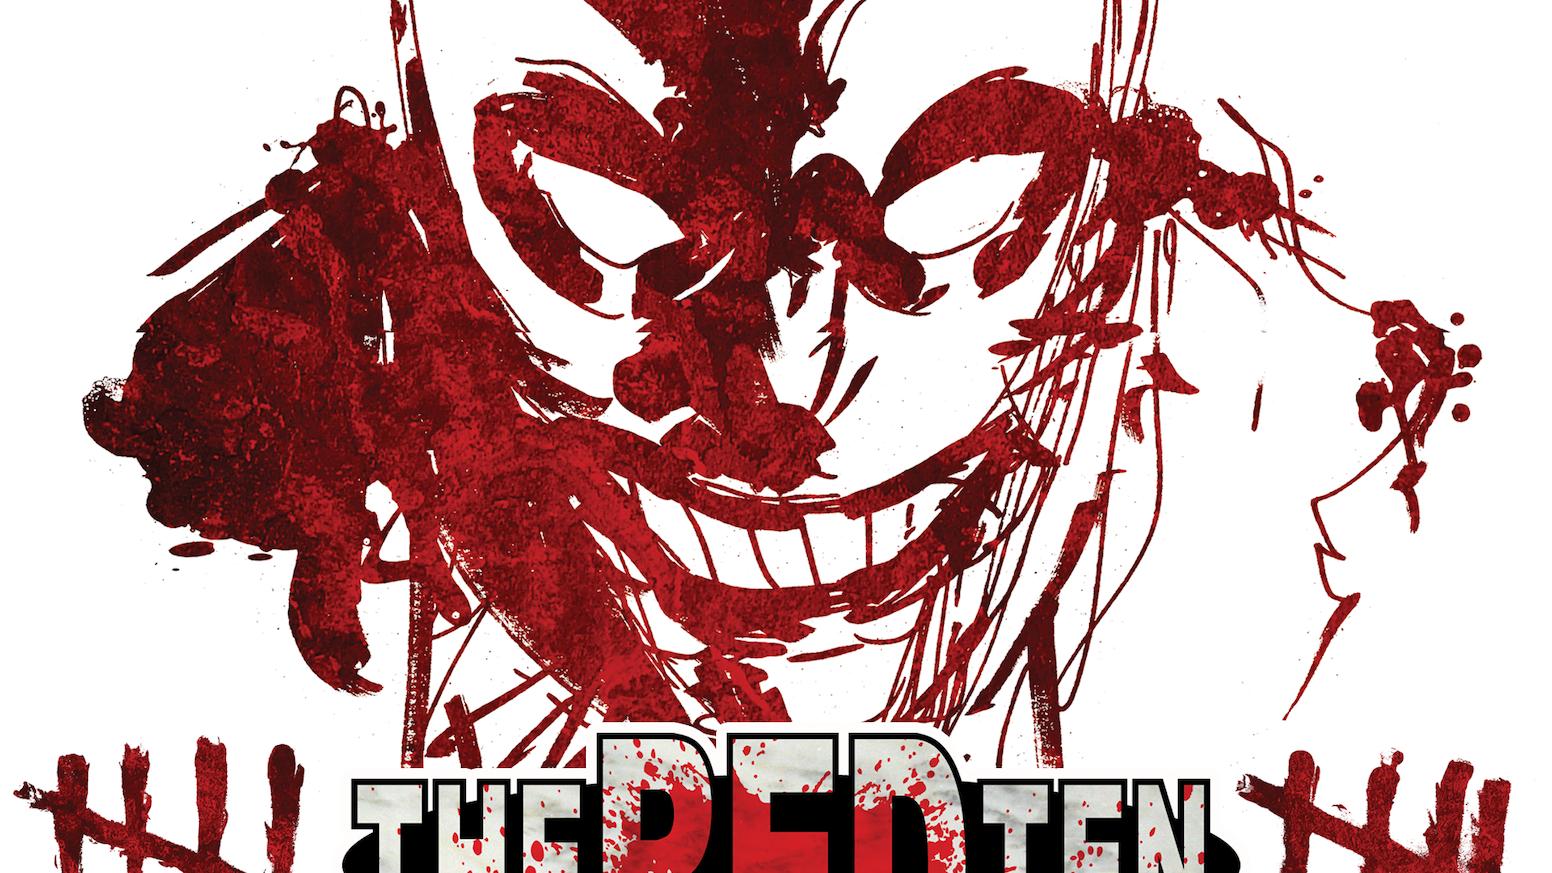 A superhero murder mystery by Tyler James & Cesar Feliciano.